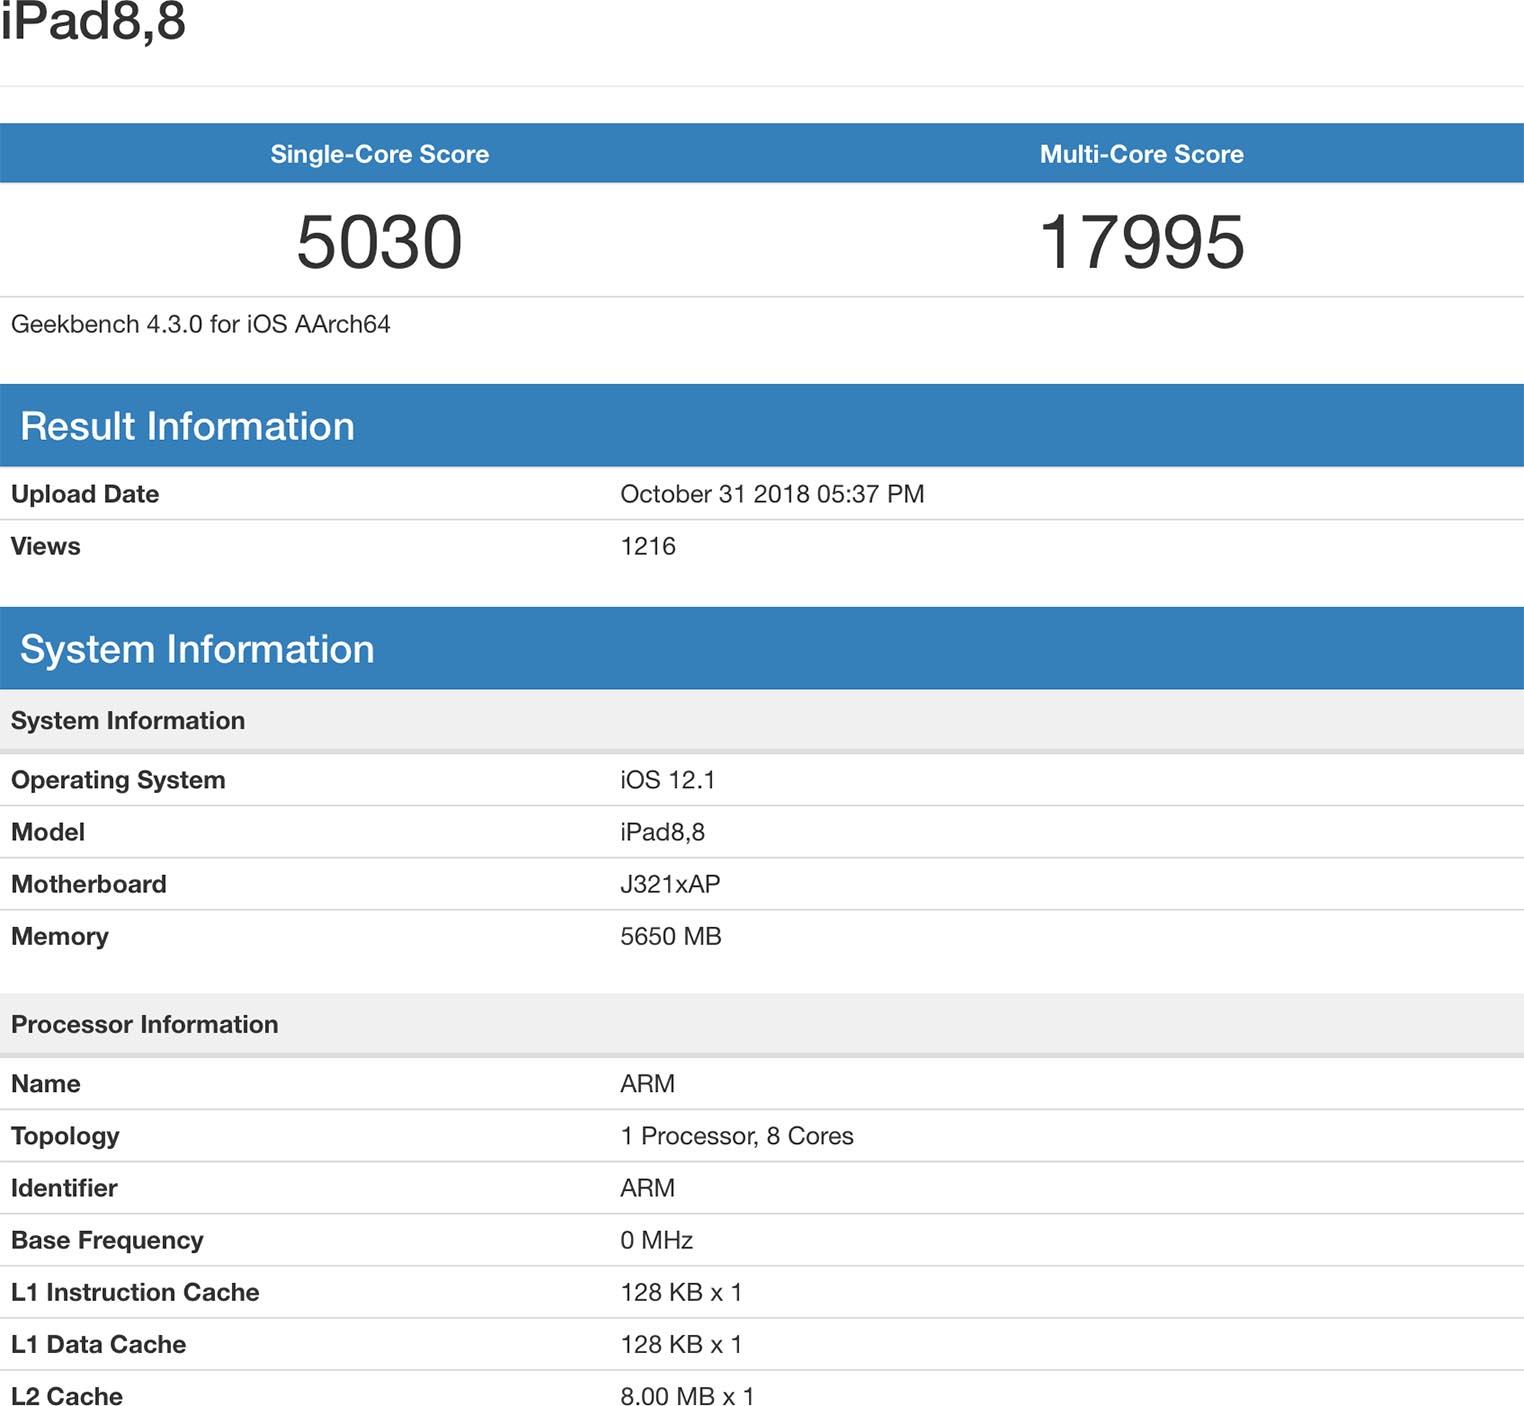 iPad Pro 2018 benchmark